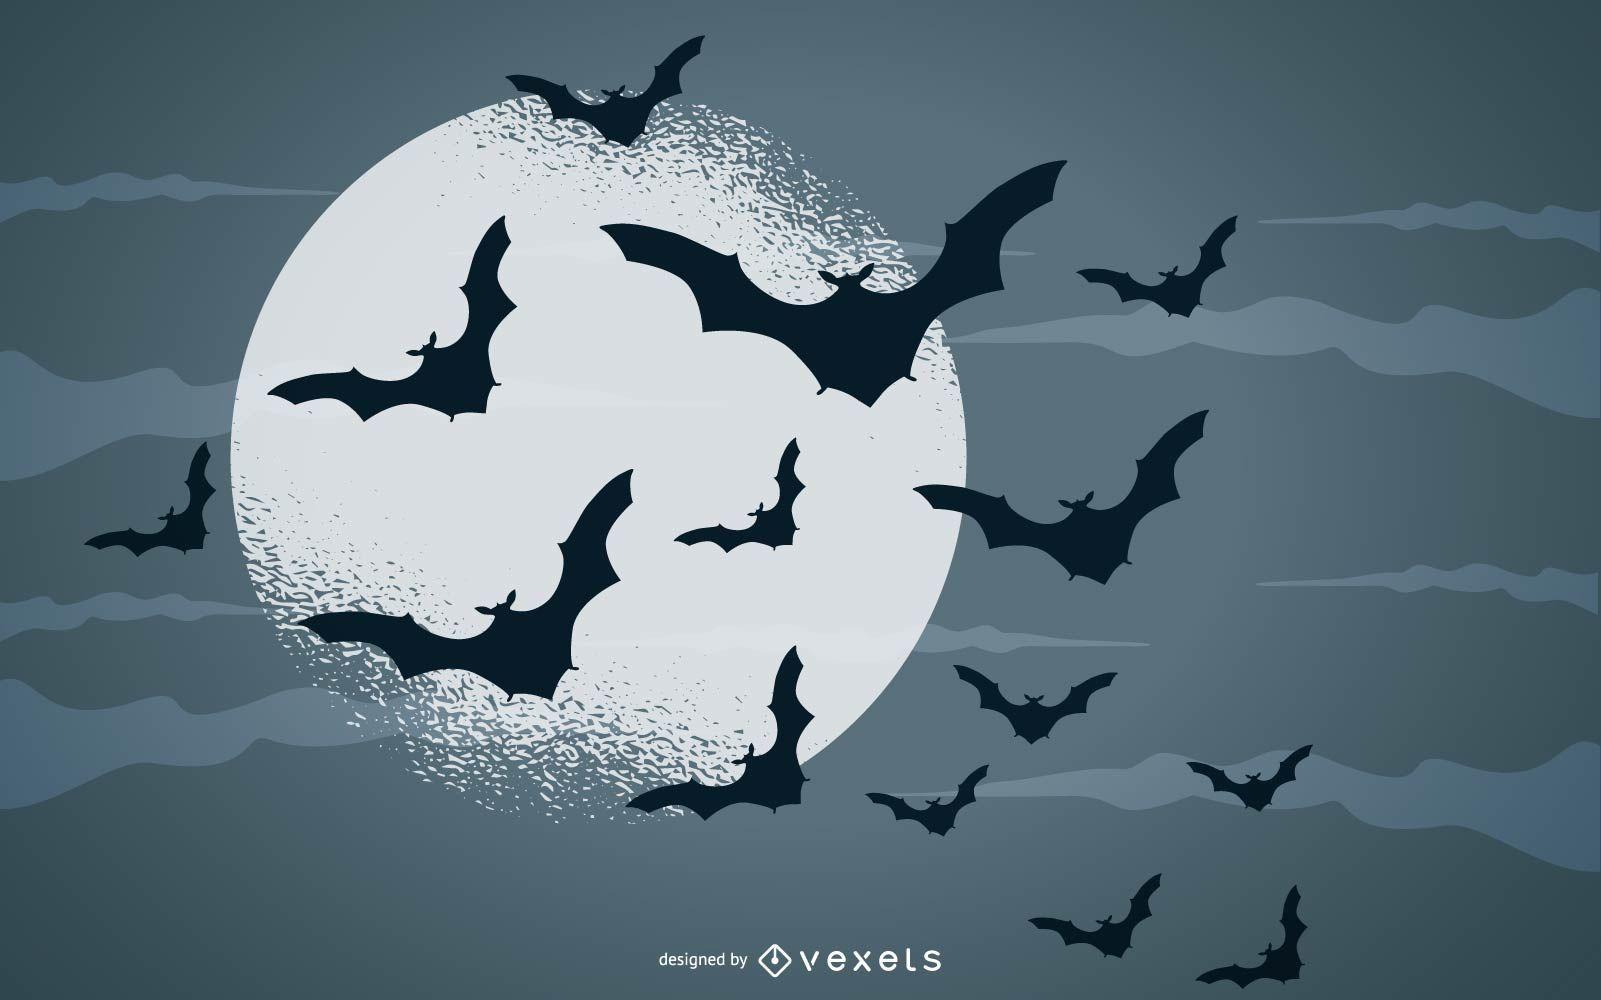 bats full moon illustration